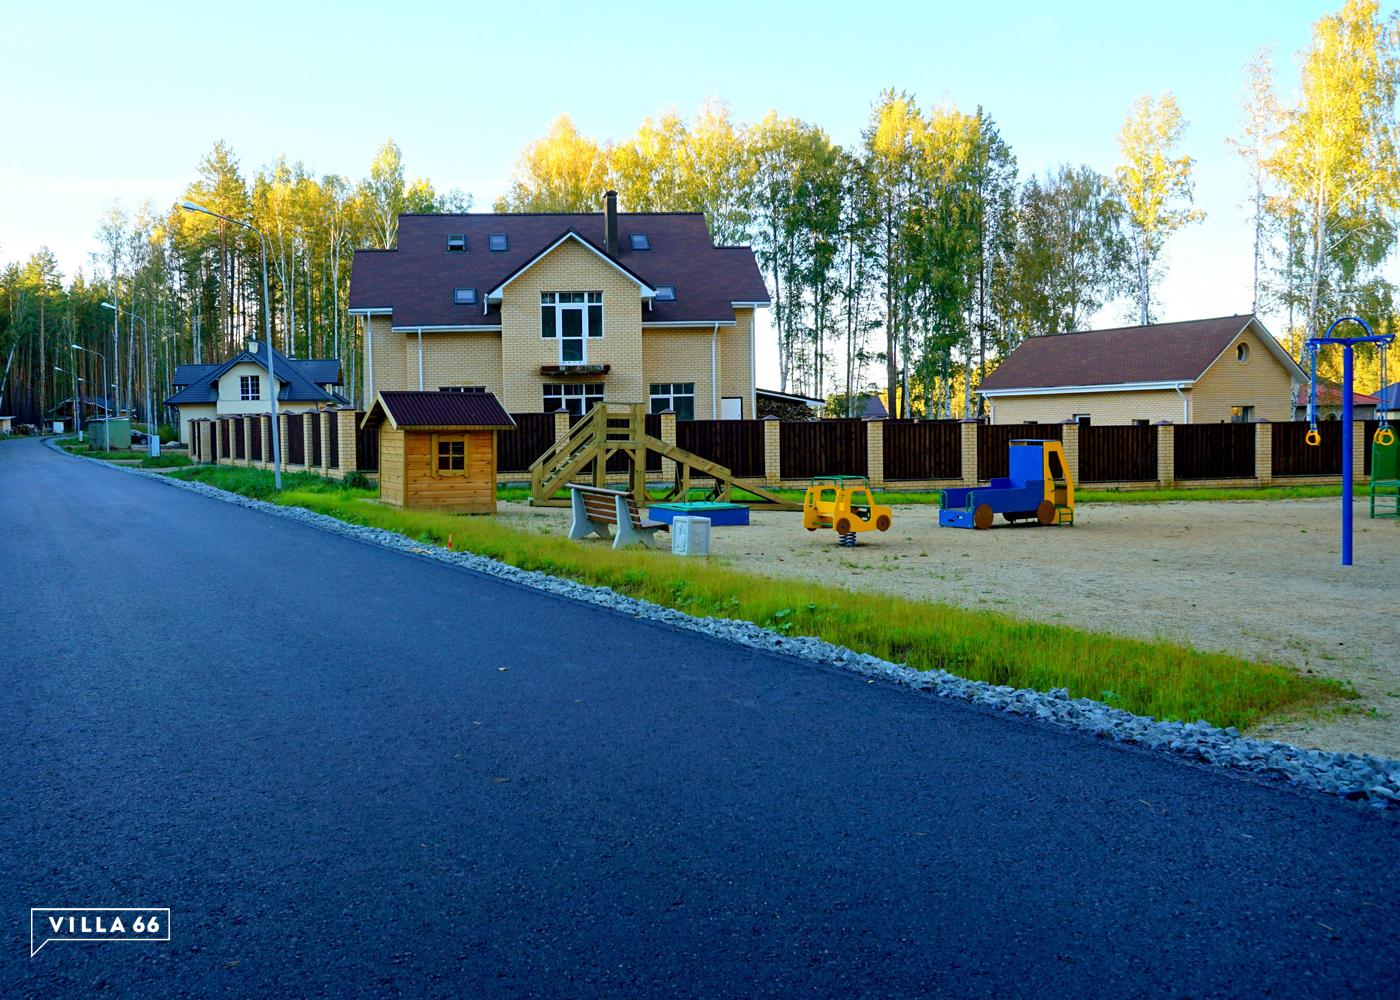 В поселке запроектированы широкие асфальтированные дороги